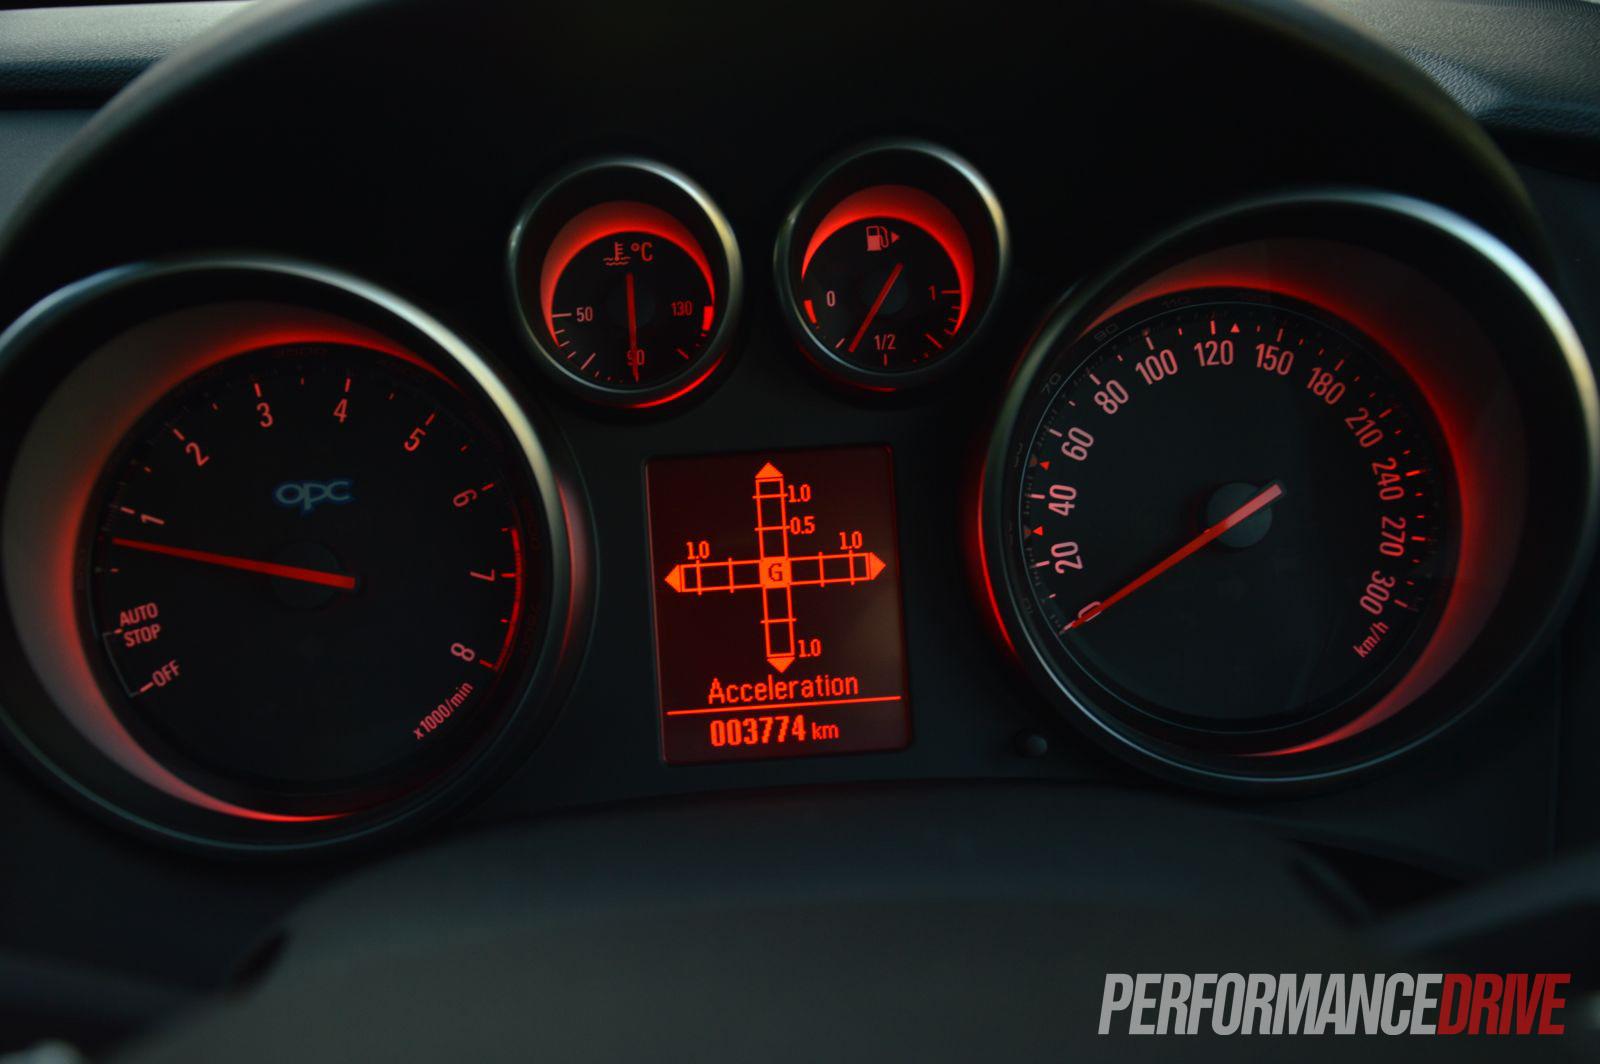 2013 Opel Astra Opc G Meter